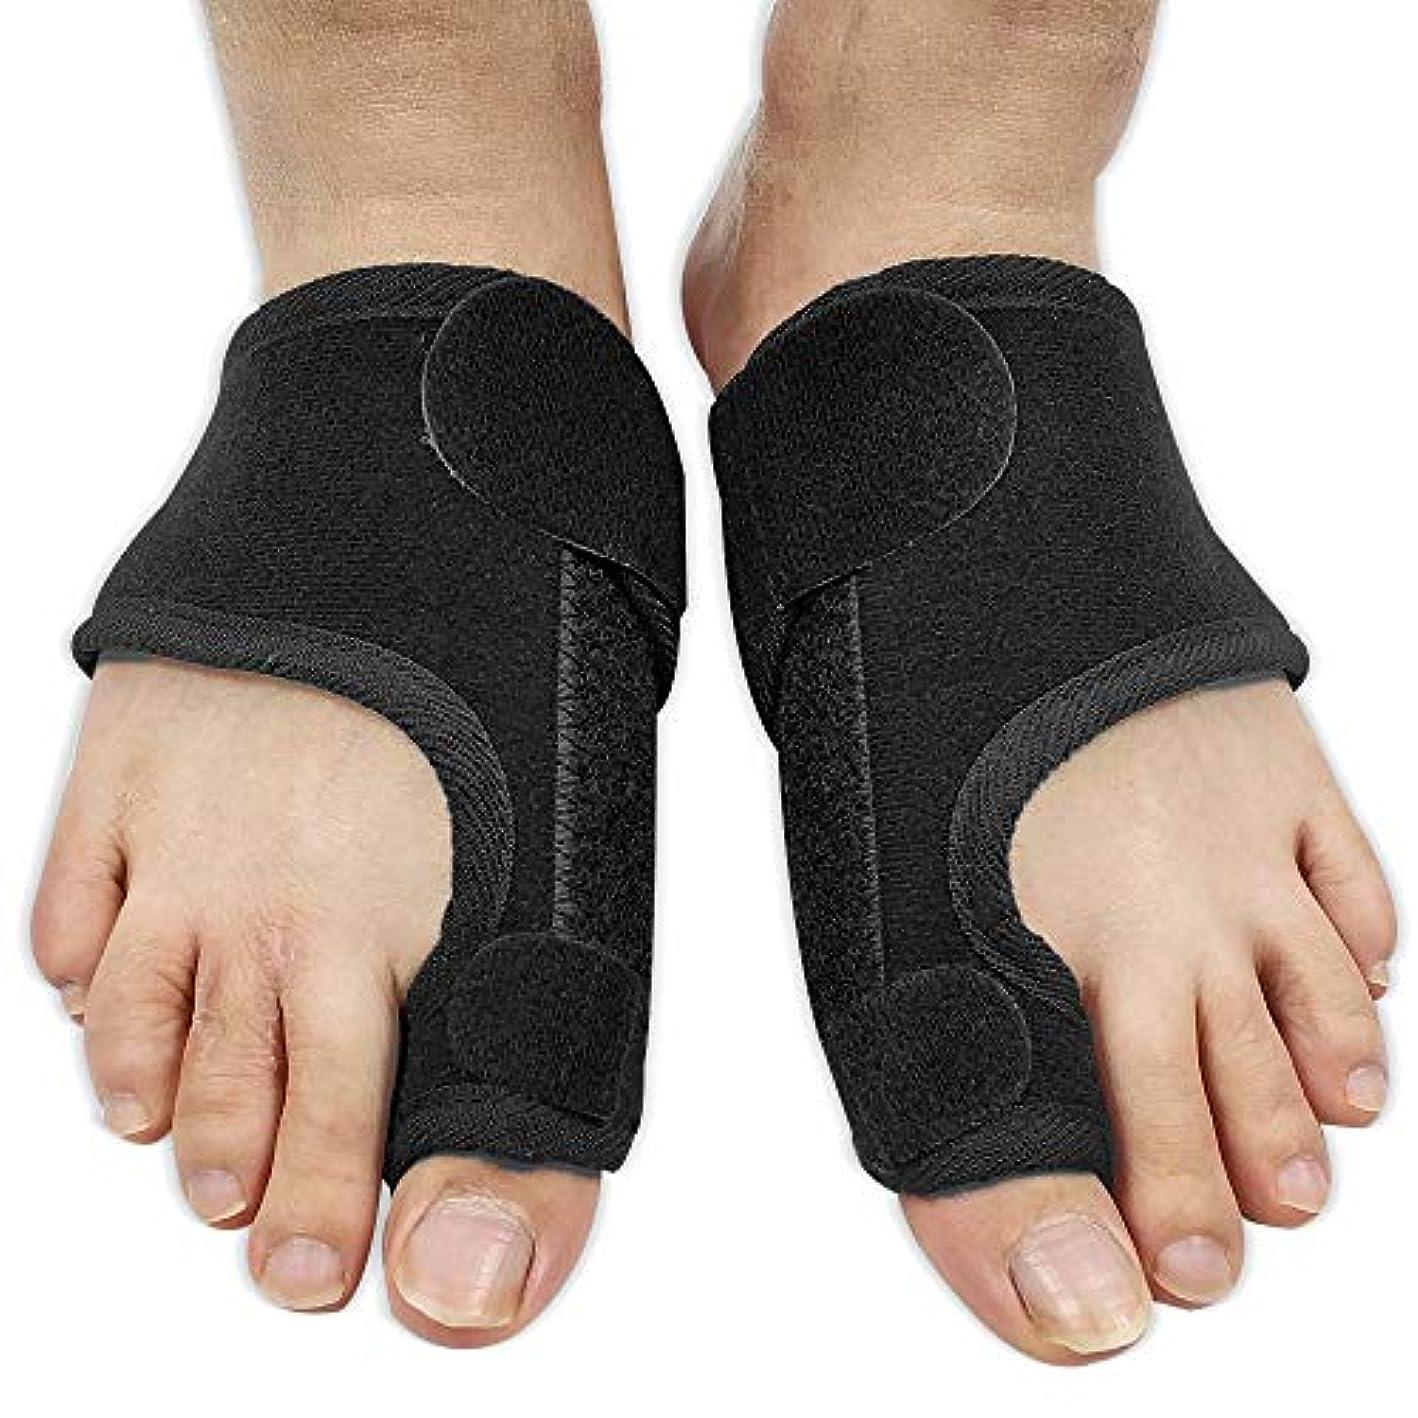 ためらうスキャンダル苦行バニオンコレクターおよびバニオンリリーフ整形外科用ビッグトゥストレートナーは、外反母趾を治療し、予防する(ワンサイズ)